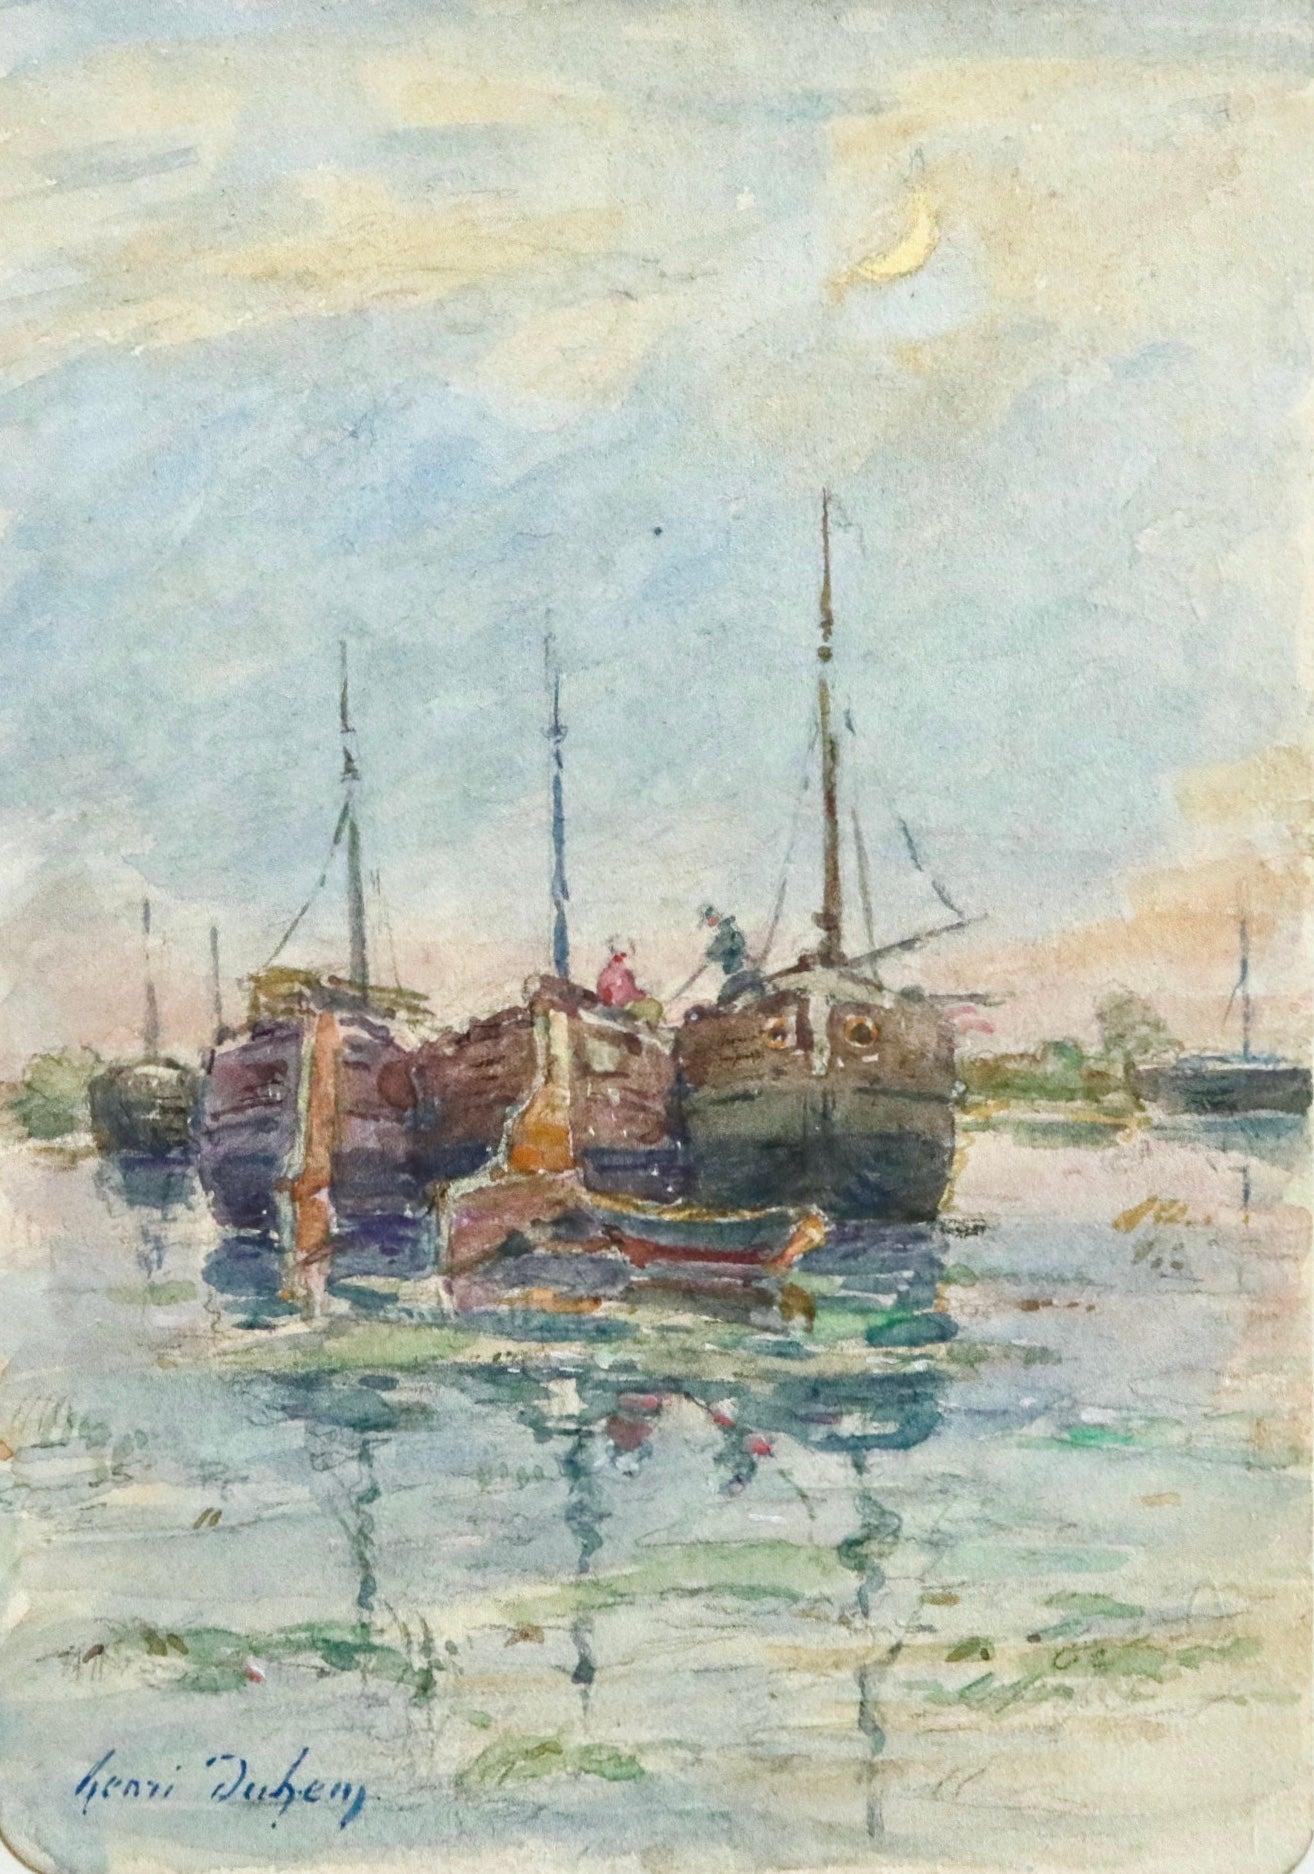 Sur les Bateaux - 19th Century Watercolor, Boats on River Landscape by H Duhem